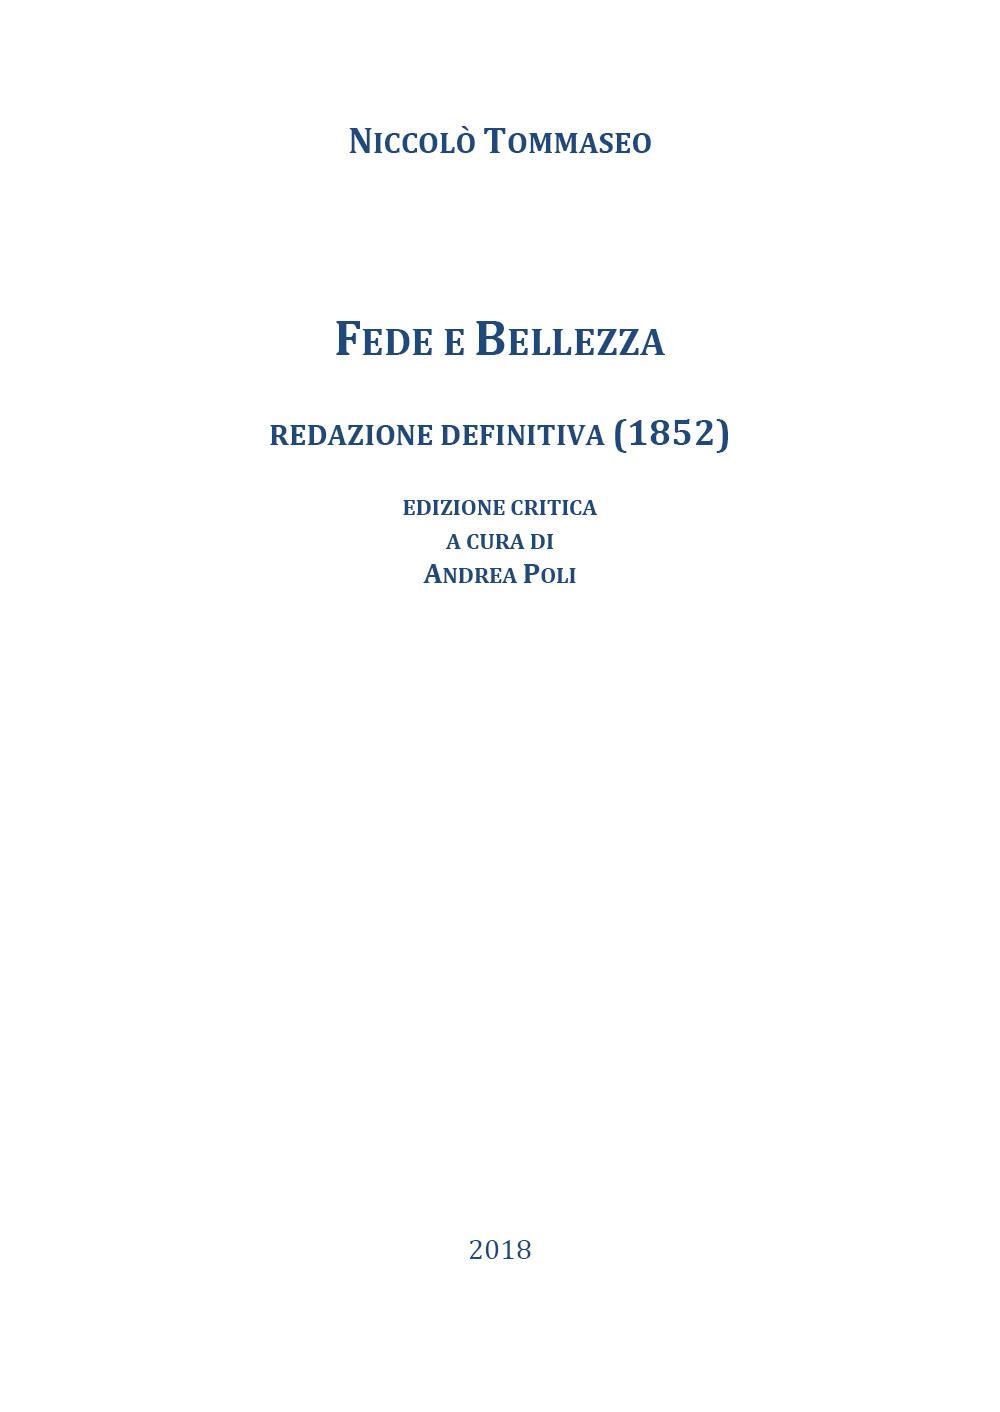 Niccolò Tommaseo, Fede e Bellezza. Redazione definitiva (1852). Edizione critica a cura di Andrea Poli